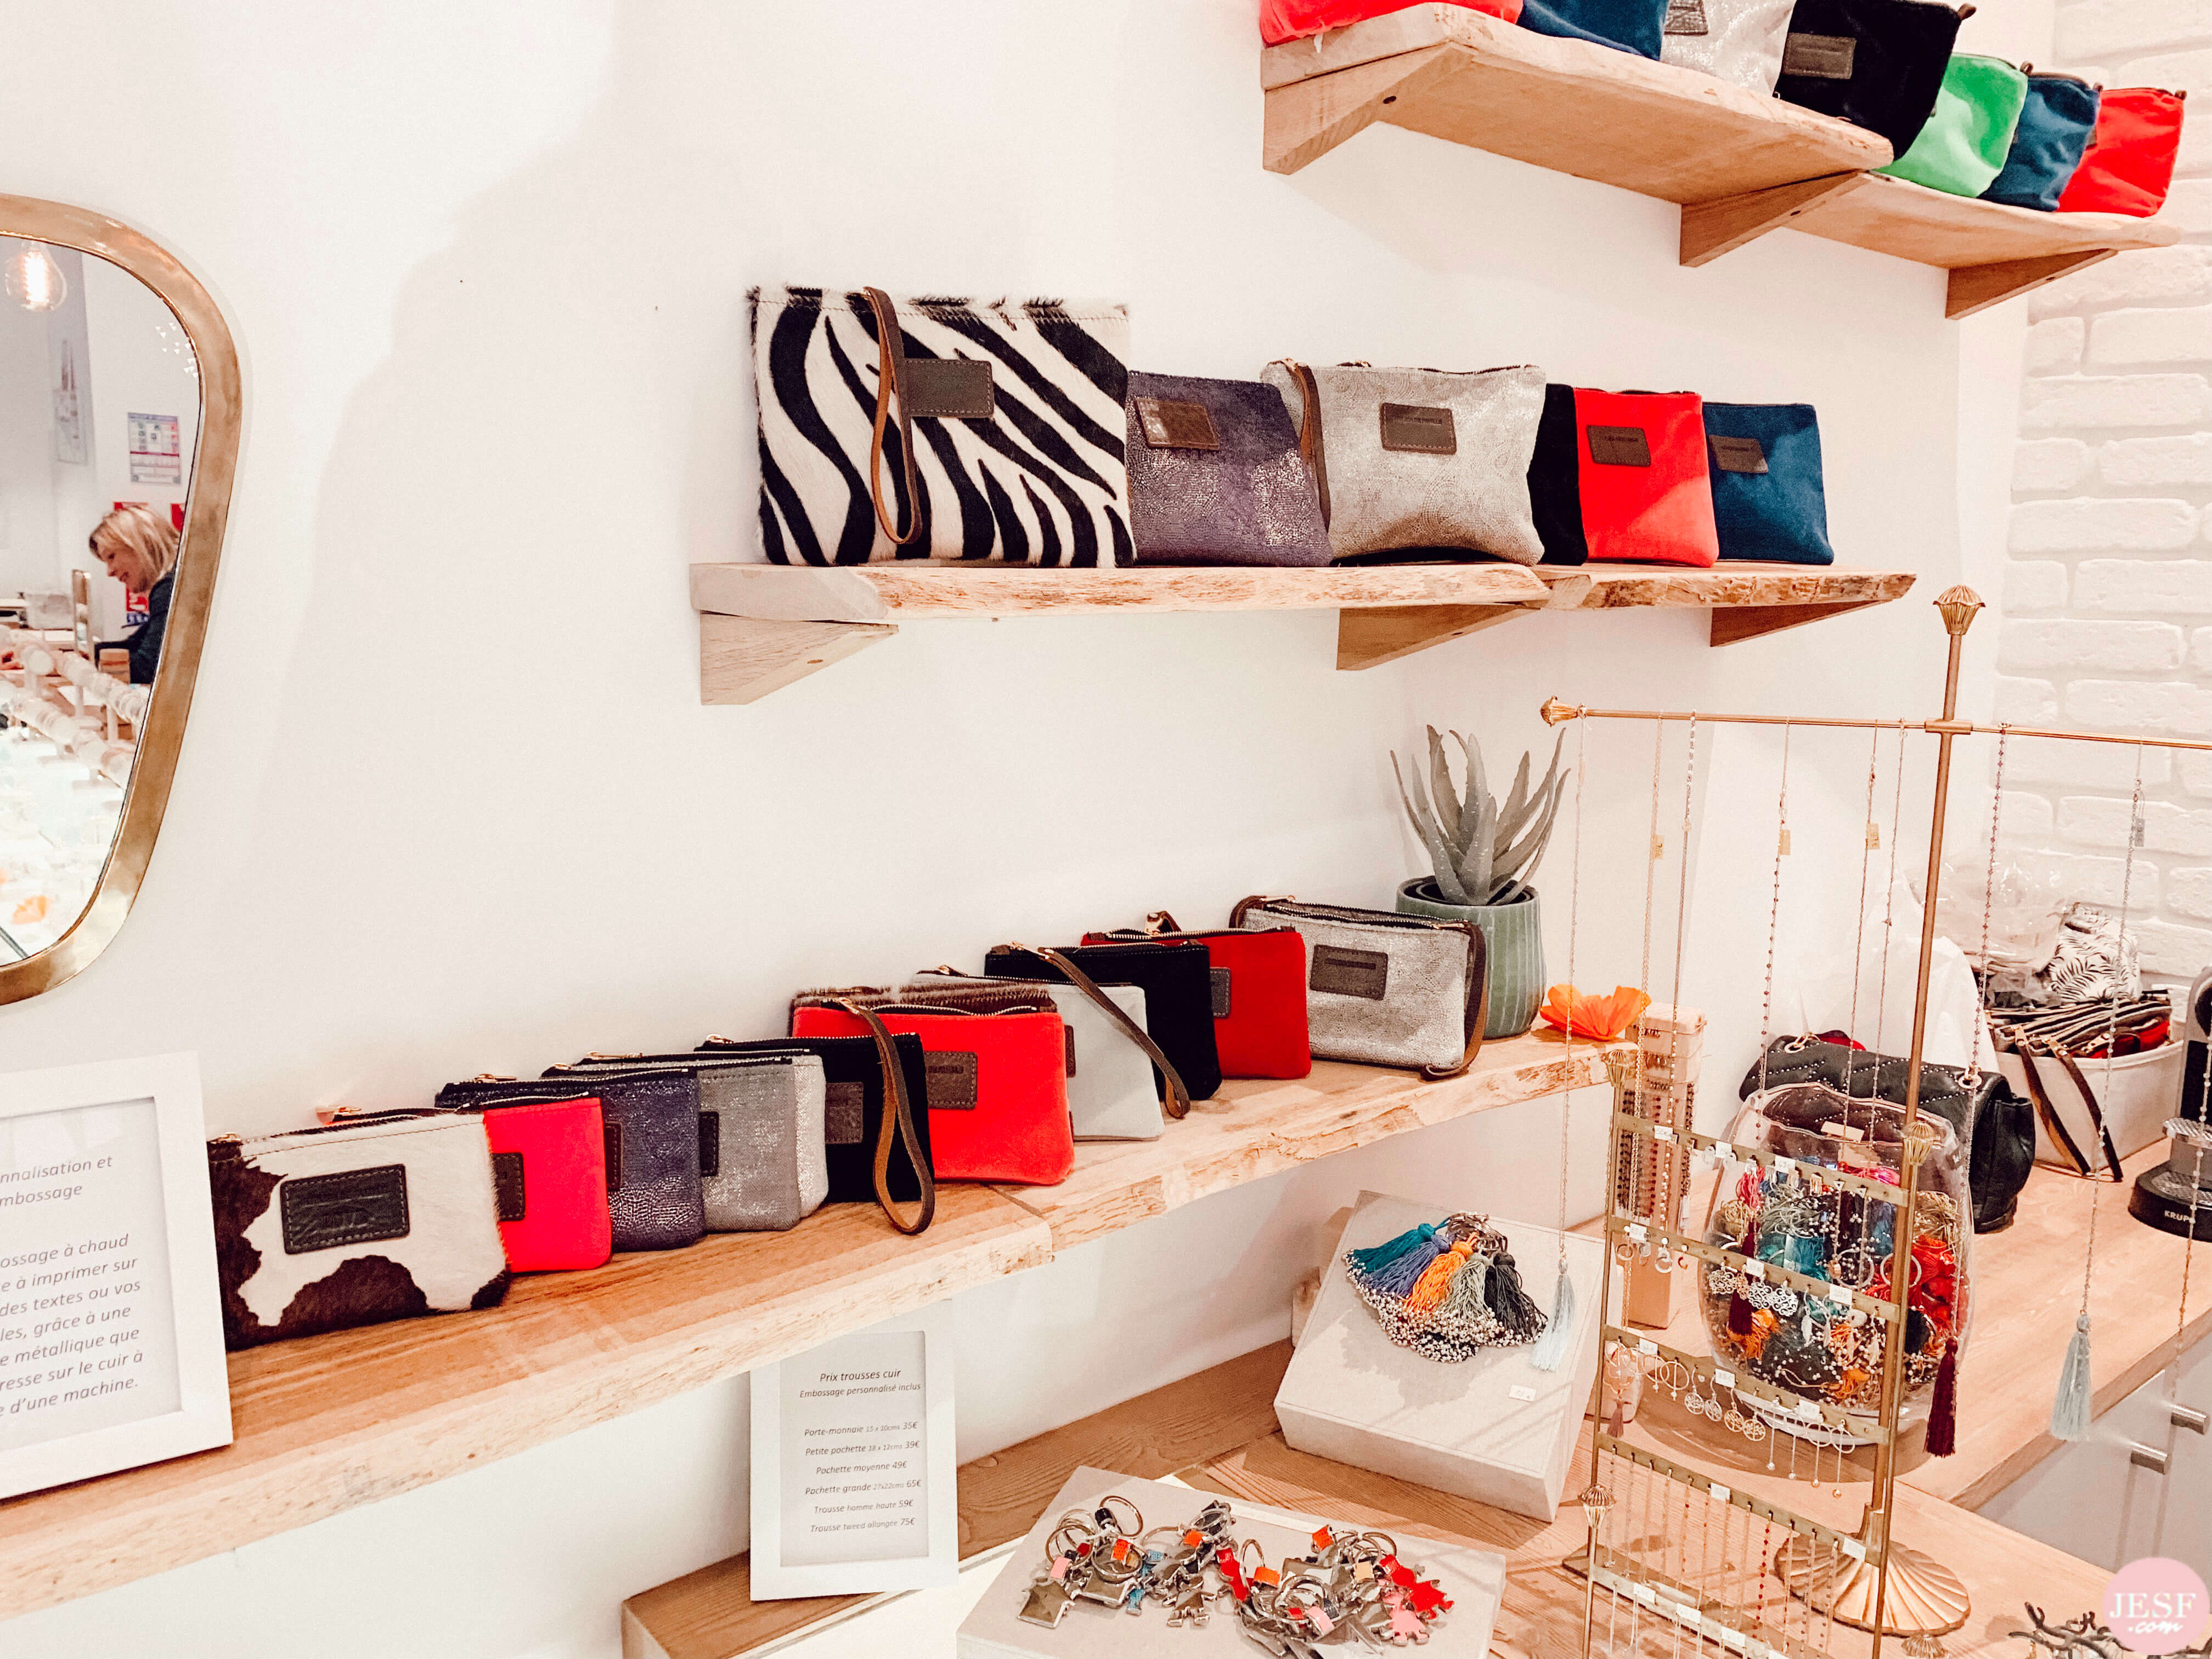 parly-2-sélection-fête-des-mères-magasins-boutique-enseigne-mode-beauté-déco-atelier-de-famille